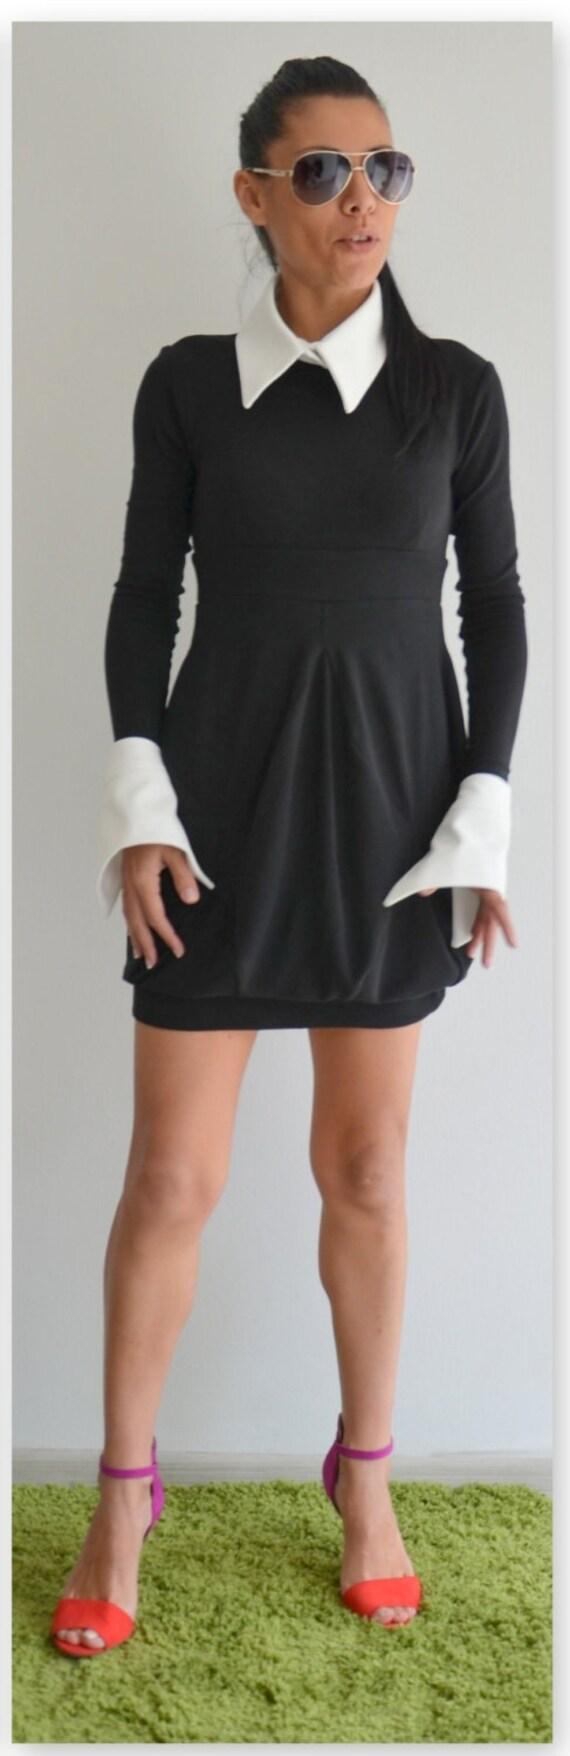 Evening Bridesmaid Dress Wedding Dress Dress Black Dress guest Prom Summer Dress Dress dress Midi wxRp7